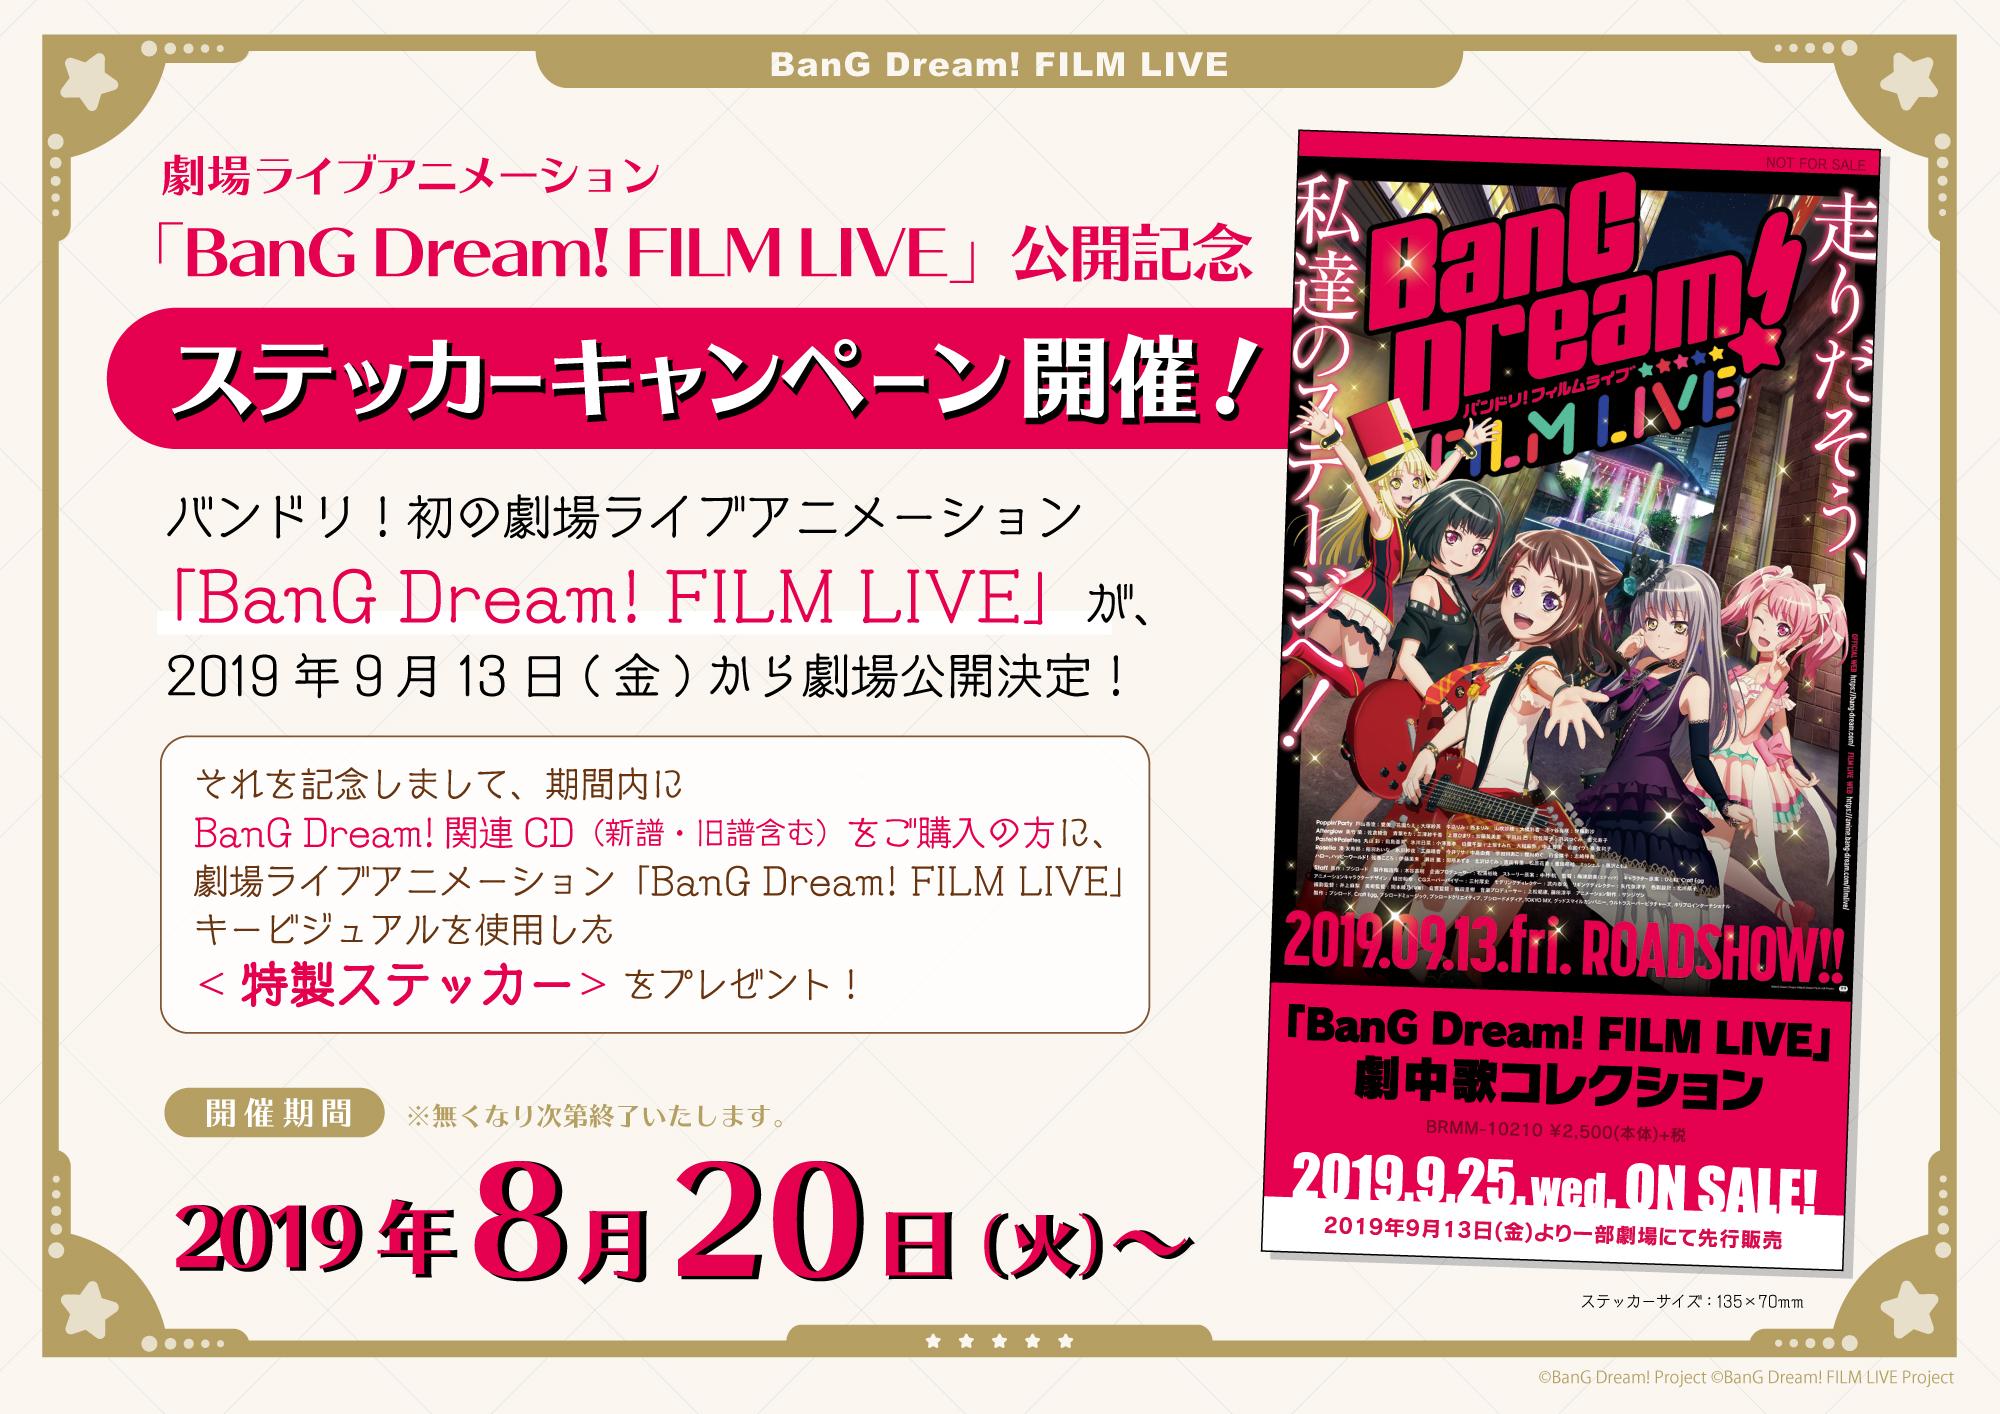 劇場ライブアニメーション「BanG Dream! FILM LIVE」公開記念 ステッカーキャンペーン開催!!